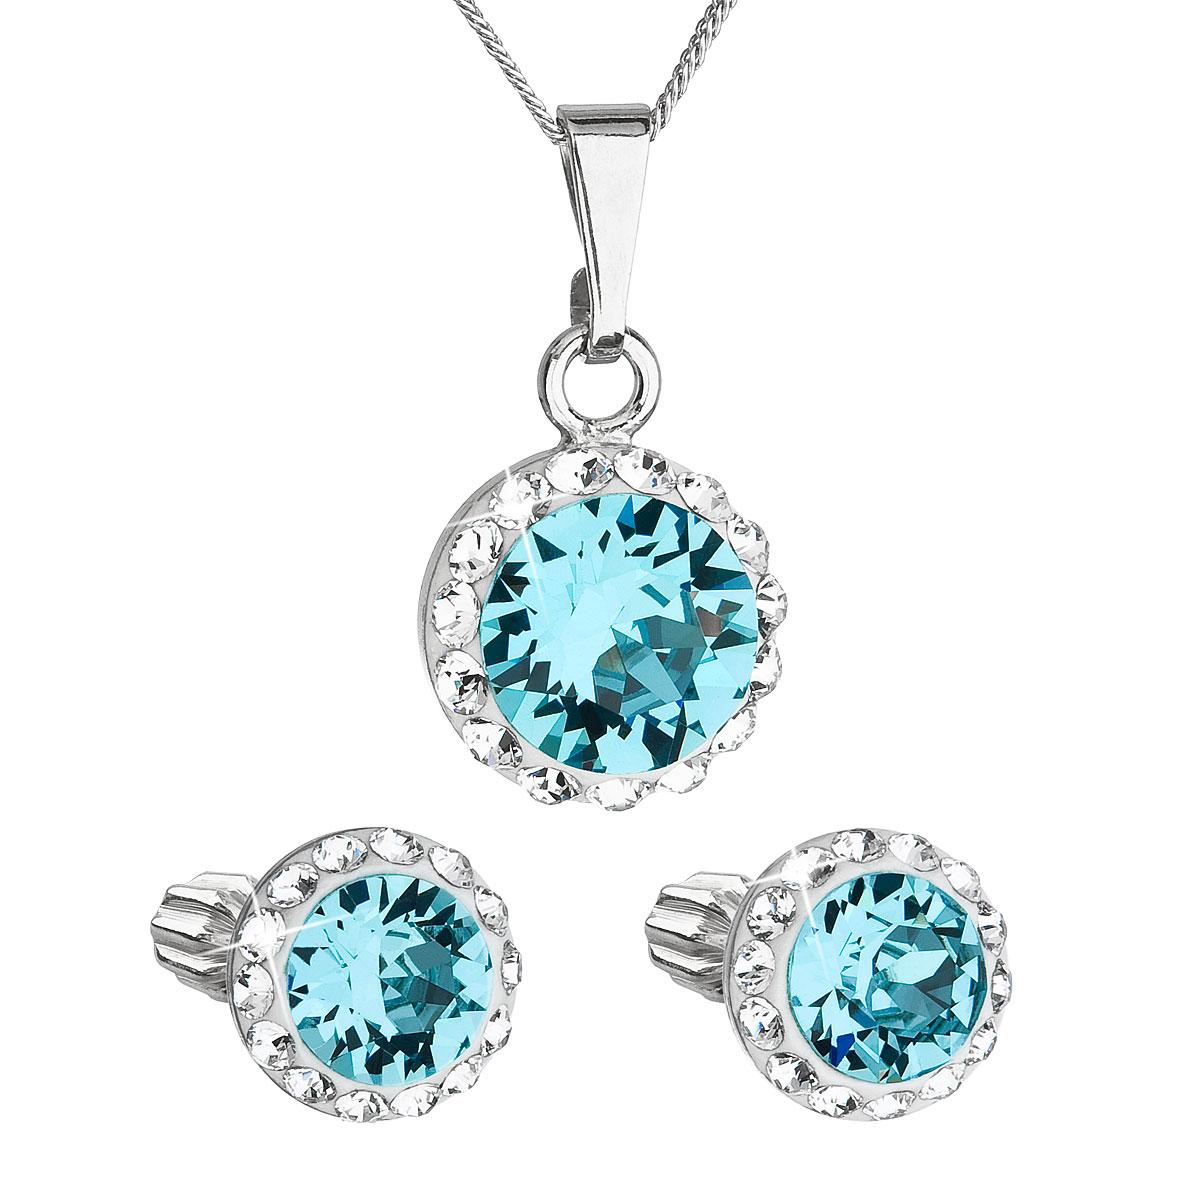 Sada šperkov s krištálmi Swarovski náušnice, retiazka a prívesok modré okrúhle 39352.3